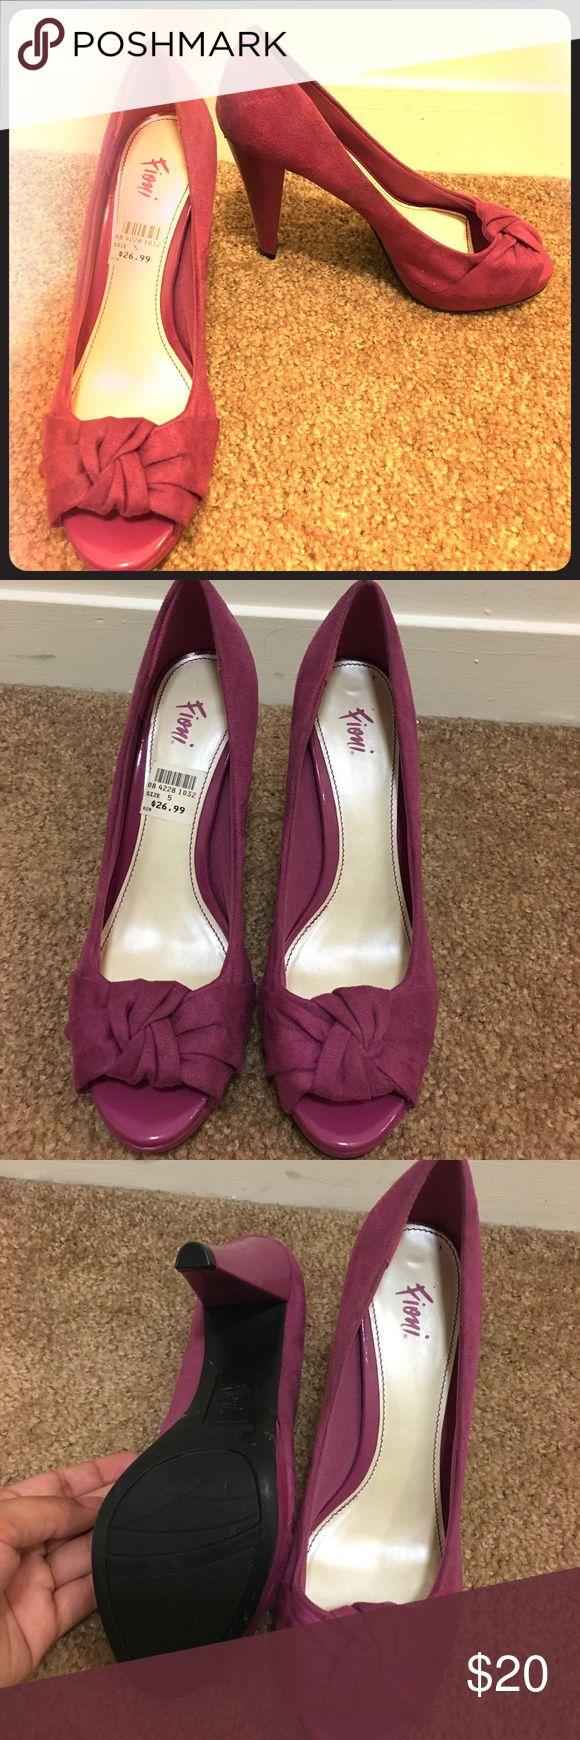 New violet peep toe pumps Hi! I'm selling a pair of violet peep toe pumps. I've never worn them Shoes Heels